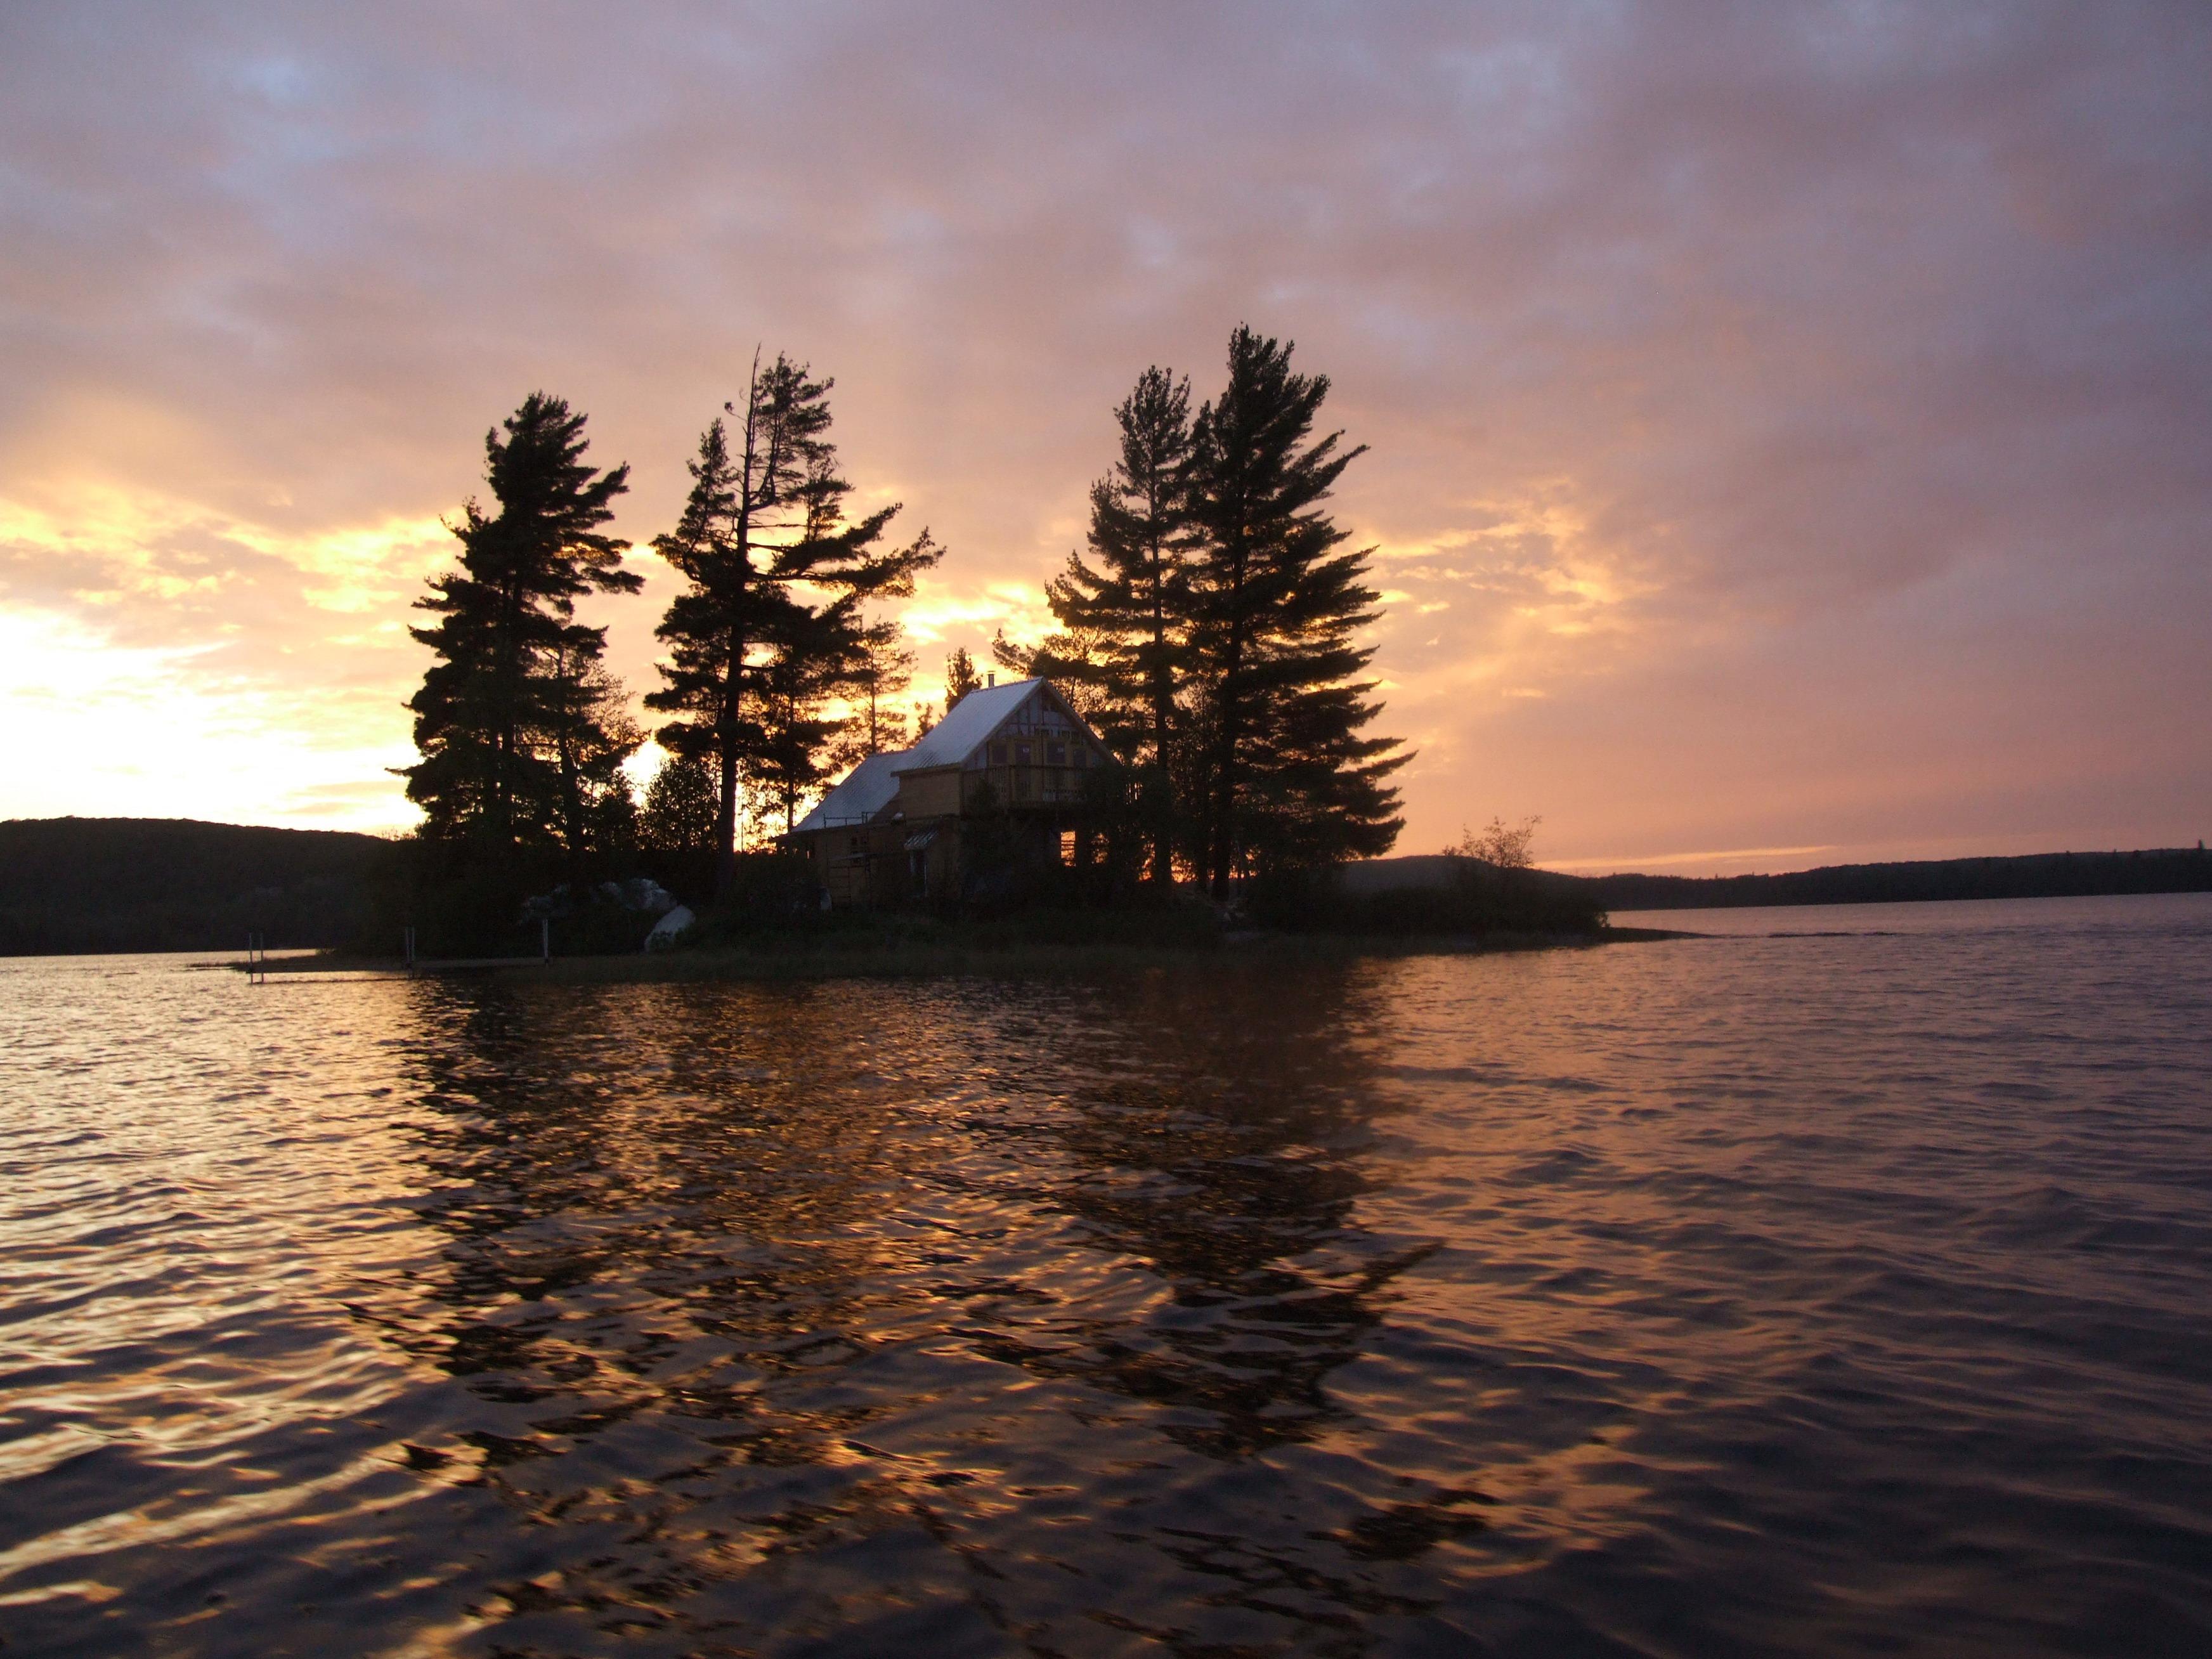 Couples Resort Muskoka Ontario Escapada romántica Spa Vacaciones